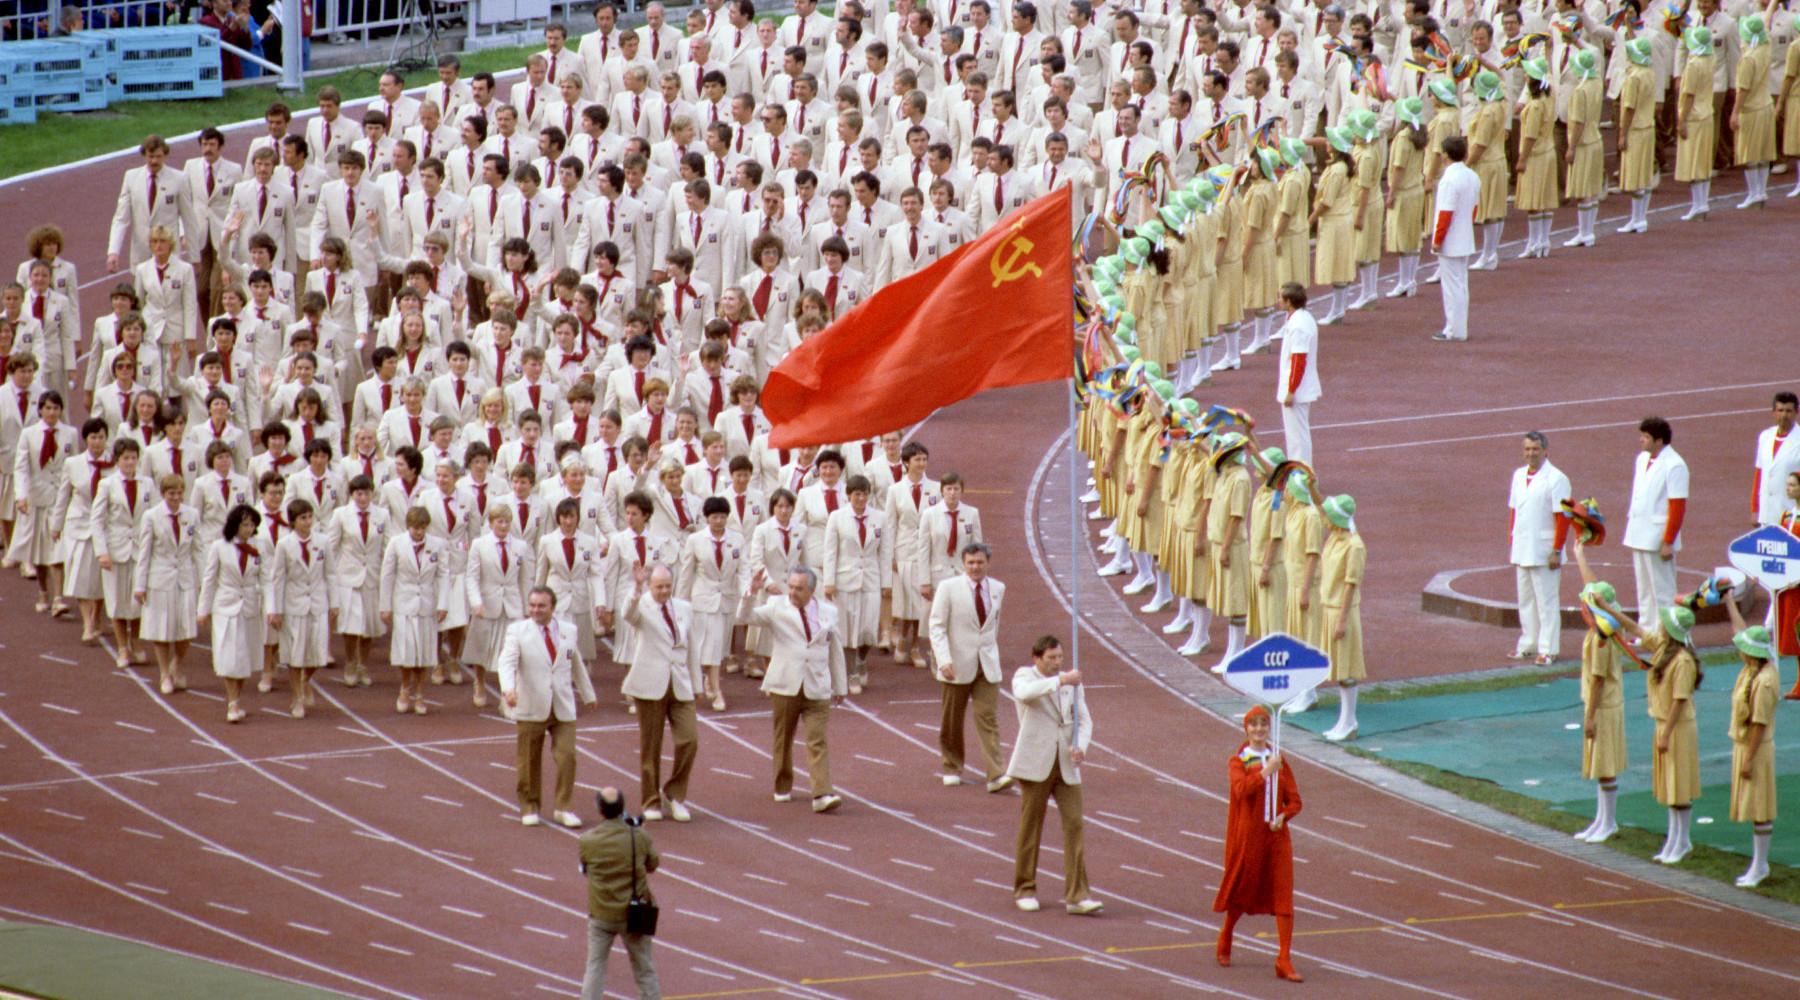 какое политическое давление испытывали СССР и Россия во время выступления на Олимпийских играх»